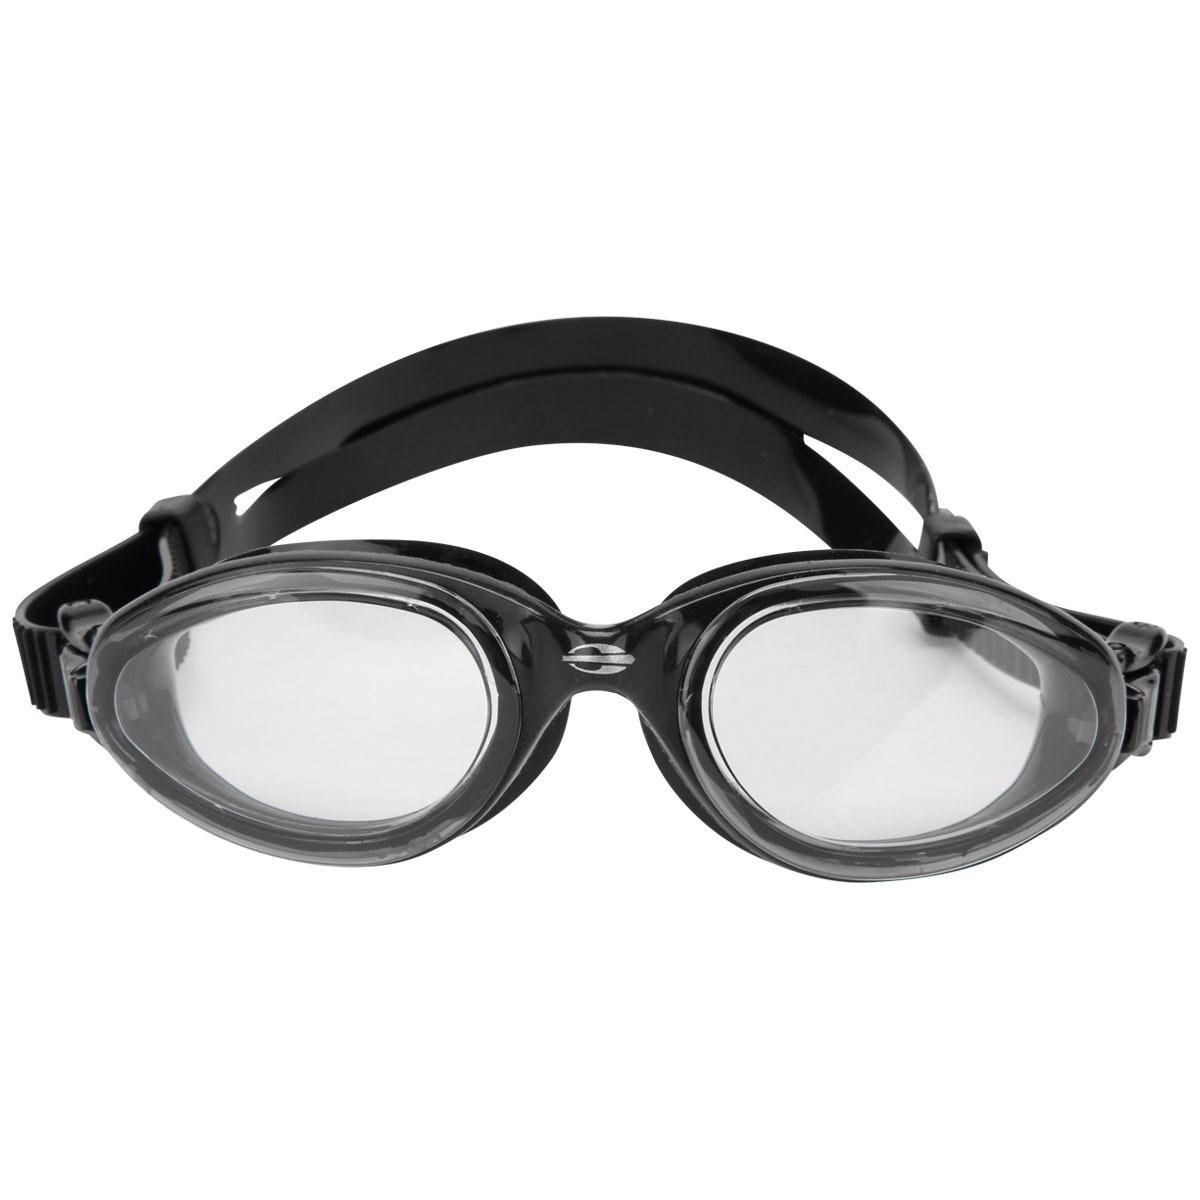 59085bd29bc6a óculos de natação varuna midi preto lente transparen mormaii. Carregando  zoom.